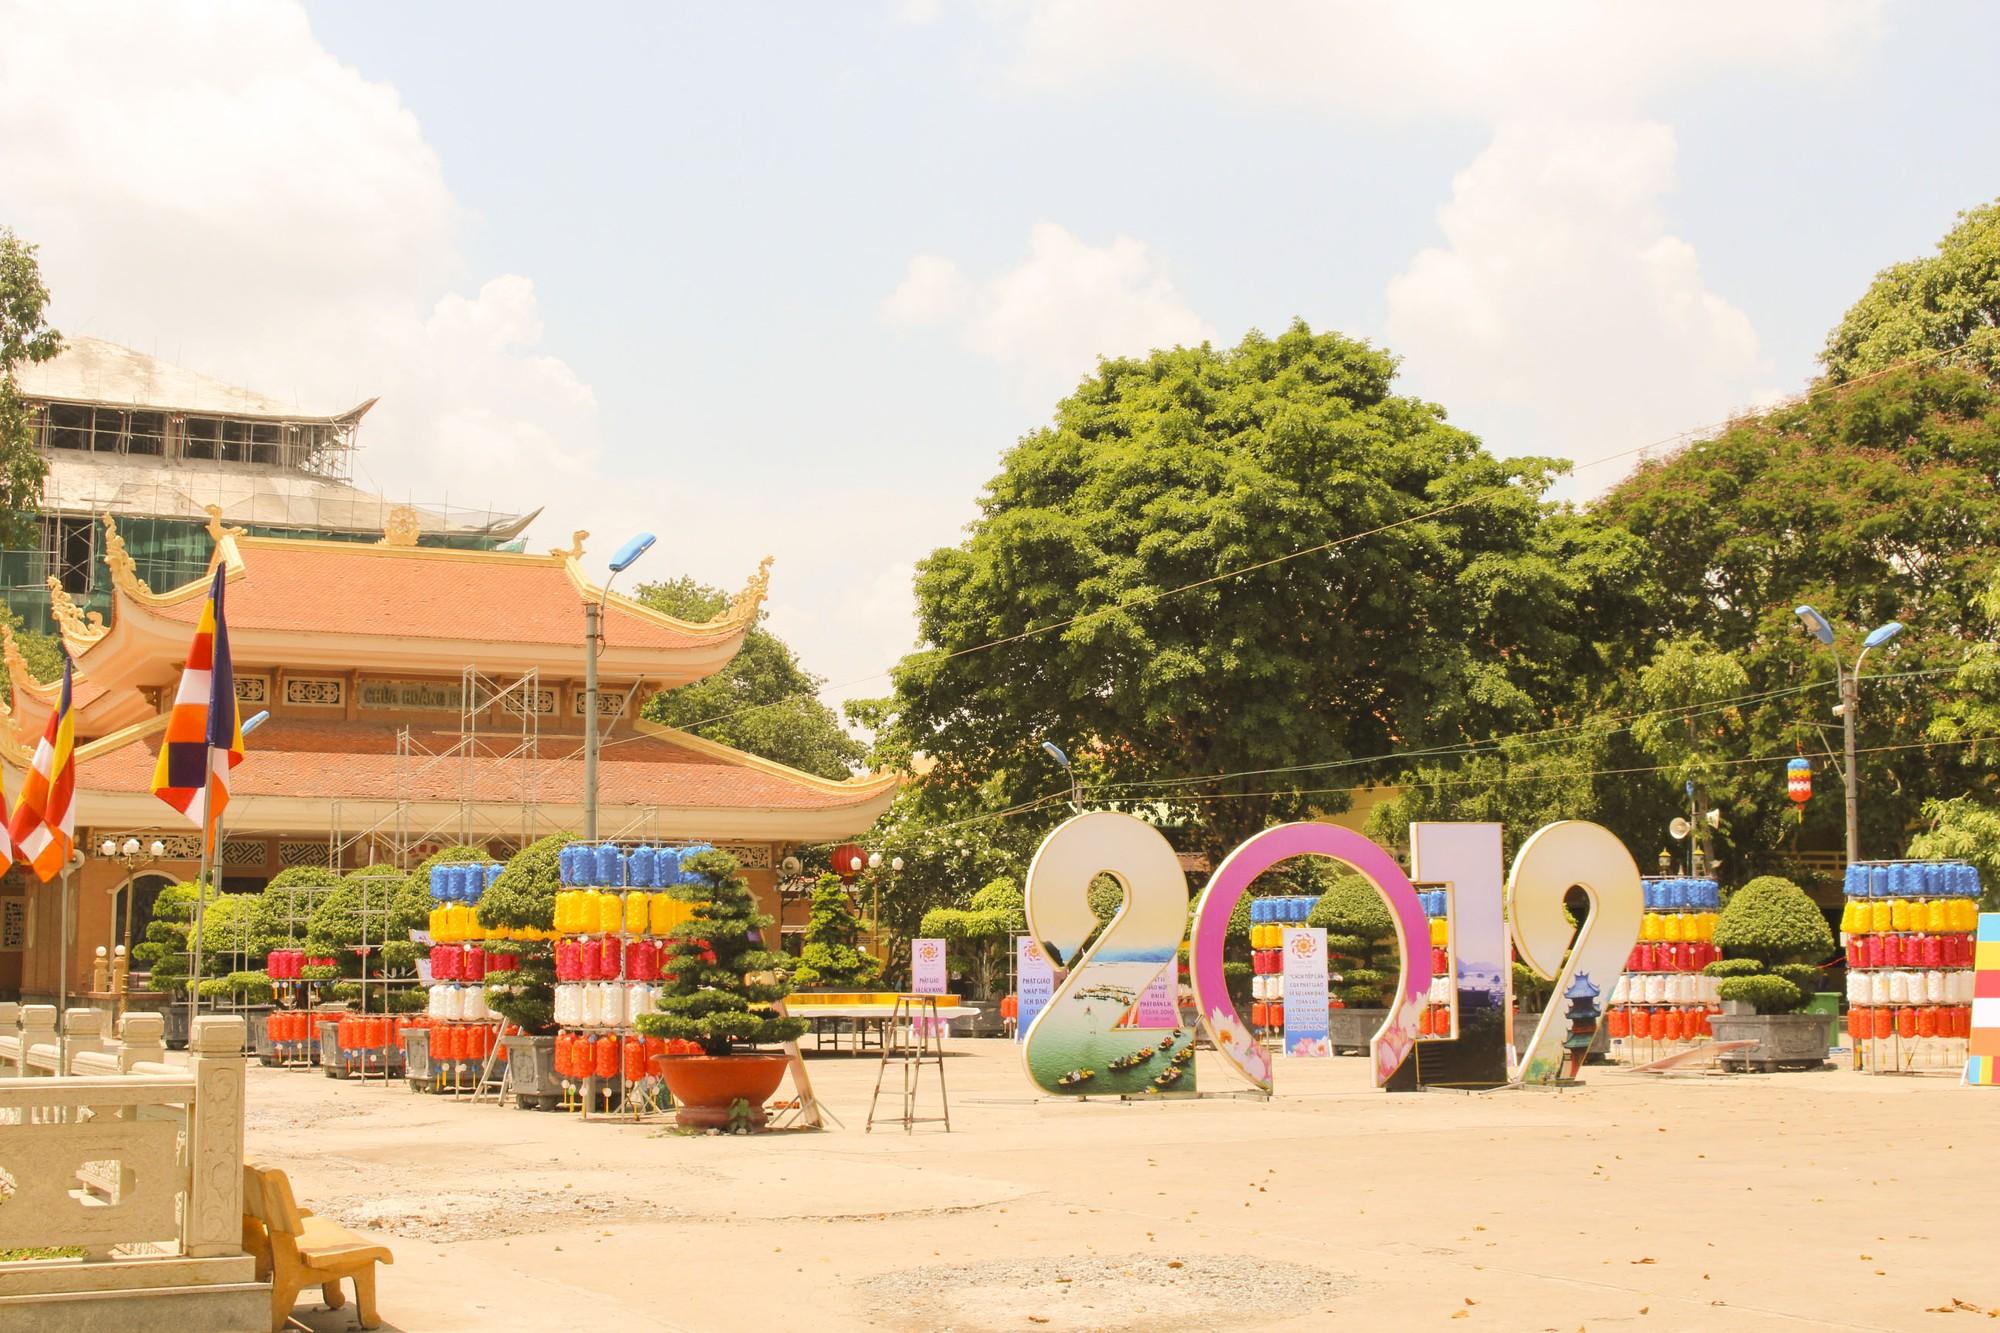 Thăm ngôi chùa lớn nhất TP HCM trước ngày lễ Phật Đản - Ảnh 2.